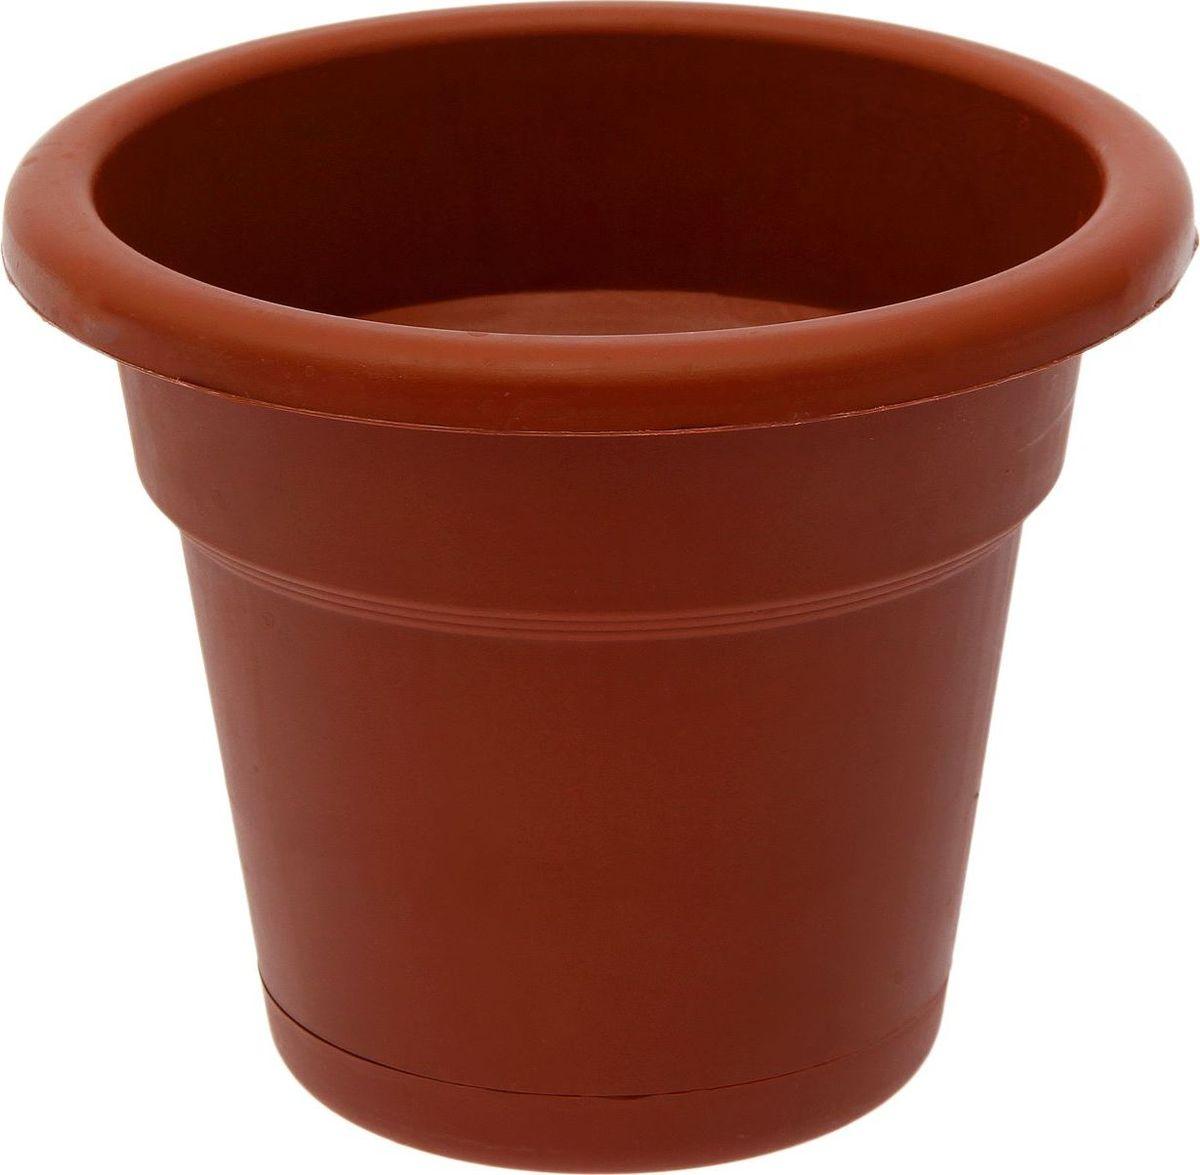 Горшок для цветов Simple Garden, с нижним поливом, цвет: терракотовый, 2,5 л1915476Любой, даже самый современный и продуманный интерьер будет незавершённым без растений. Они не только очищают воздух и насыщают его кислородом, но и украшают окружающее пространство. Такому полезному члену семьи просто необходим красивый и функциональный дом! Мы предлагаем #name#! Оптимальный выбор материала — пластмасса! Почему мы так считаем?Малый вес. С лёгкостью переносите горшки и кашпо с места на место, ставьте их на столики или полки, не беспокоясь о нагрузке. Простота ухода. Кашпо не нуждается в специальных условиях хранения. Его легко чистить — достаточно просто сполоснуть тёплой водой. Никаких потёртостей. Такие кашпо не царапают и не загрязняют поверхности, на которых стоят. Пластик дольше хранит влагу, а значит, растение реже нуждается в поливе. Пластмасса не пропускает воздух — корневой системе растения не грозят резкие перепады температур. Огромный выбор форм, декора и расцветок — вы без труда найдёте что-то, что идеально впишется в уже существующий интерьер. Соблюдая нехитрые правила ухода, вы можете заметно продлить срок службы горшков и кашпо из пластика:всегда учитывайте размер кроны и корневой системы (при разрастании большое растение способно повредить маленький горшок)берегите изделие от воздействия прямых солнечных лучей, чтобы горшки не выцветалидержите кашпо из пластика подальше от нагревающихся поверхностей. Создавайте прекрасные цветочные композиции, выращивайте рассаду или необычные растения.